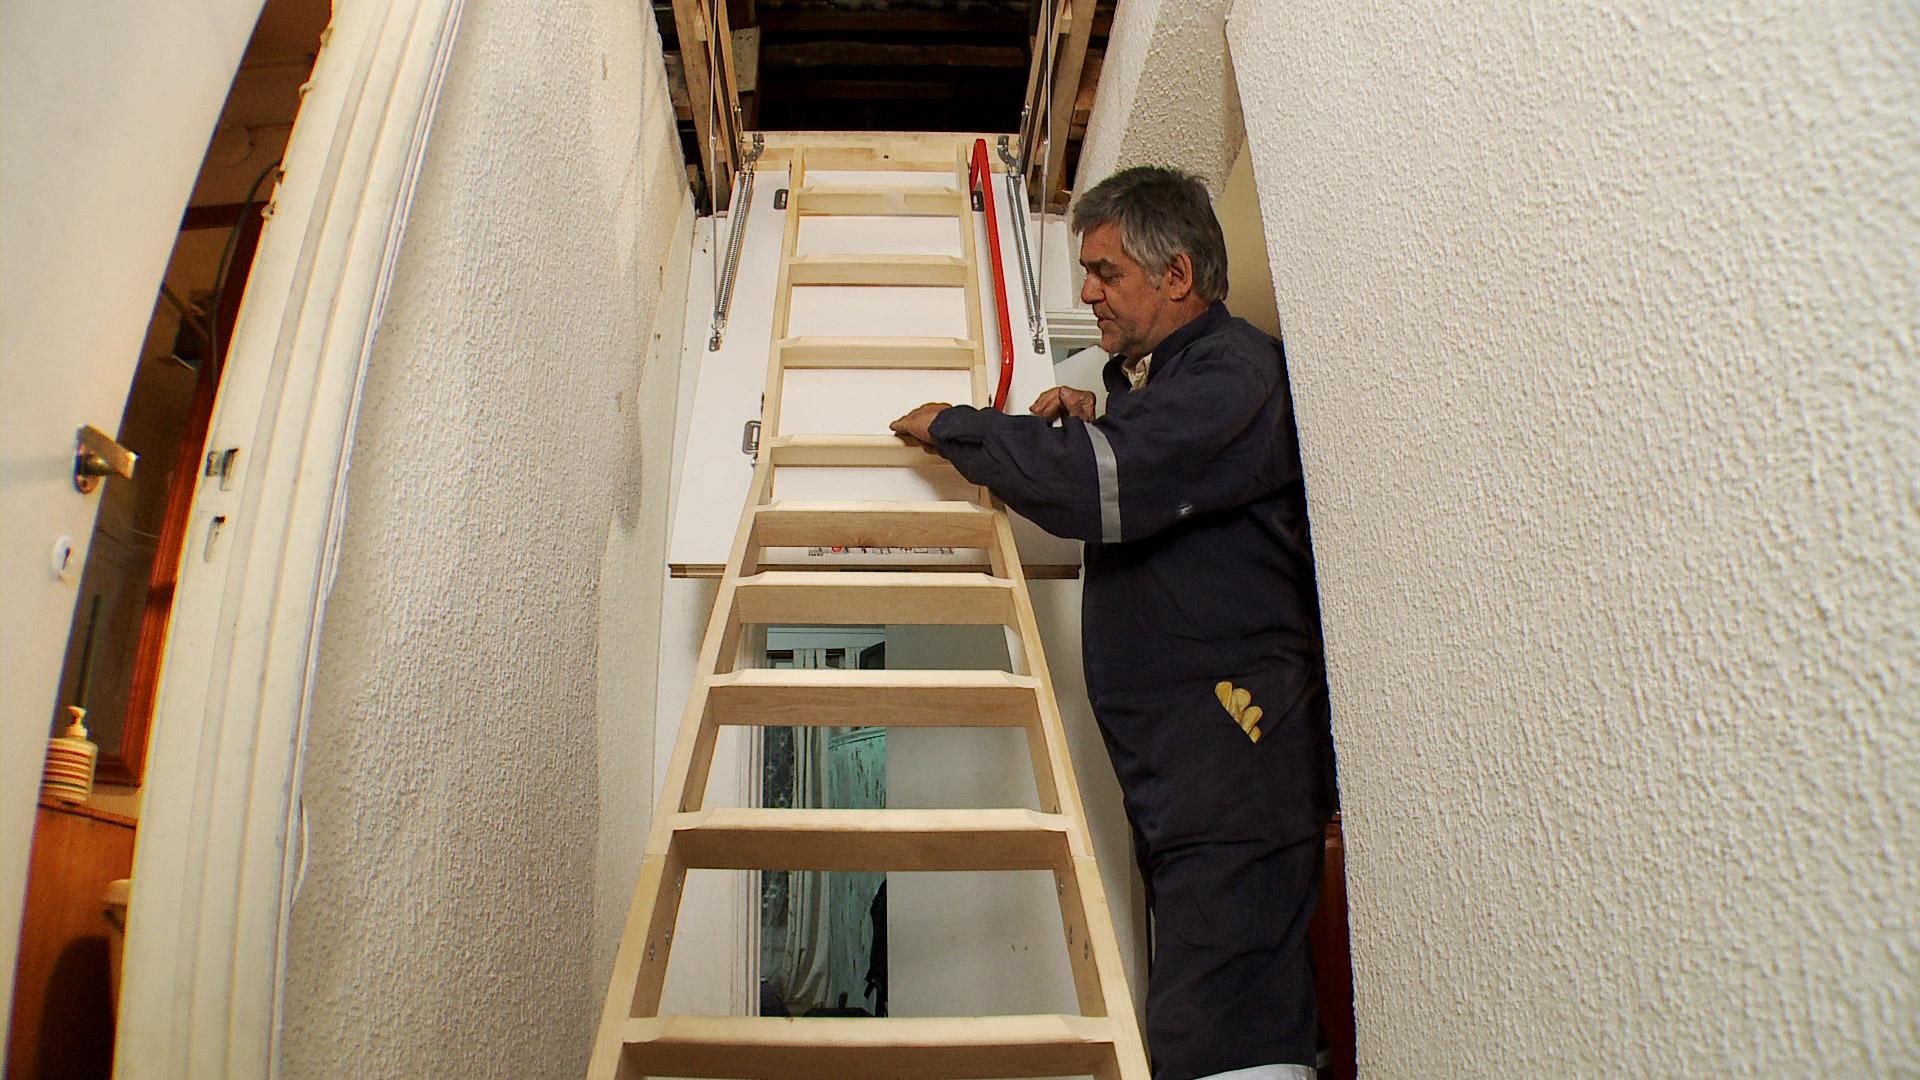 Cuando la casa tiene un entretecho es muy buena opción habilitarlo como un espacio para guardar cosas, algo así como una bodega, pero sin una buena escalera va a ser muy difícil el acceso, sobre todo con cajas o maletas. Por eso en este proyecto enseñaremos a instalar una escalera, tipo escotilla.